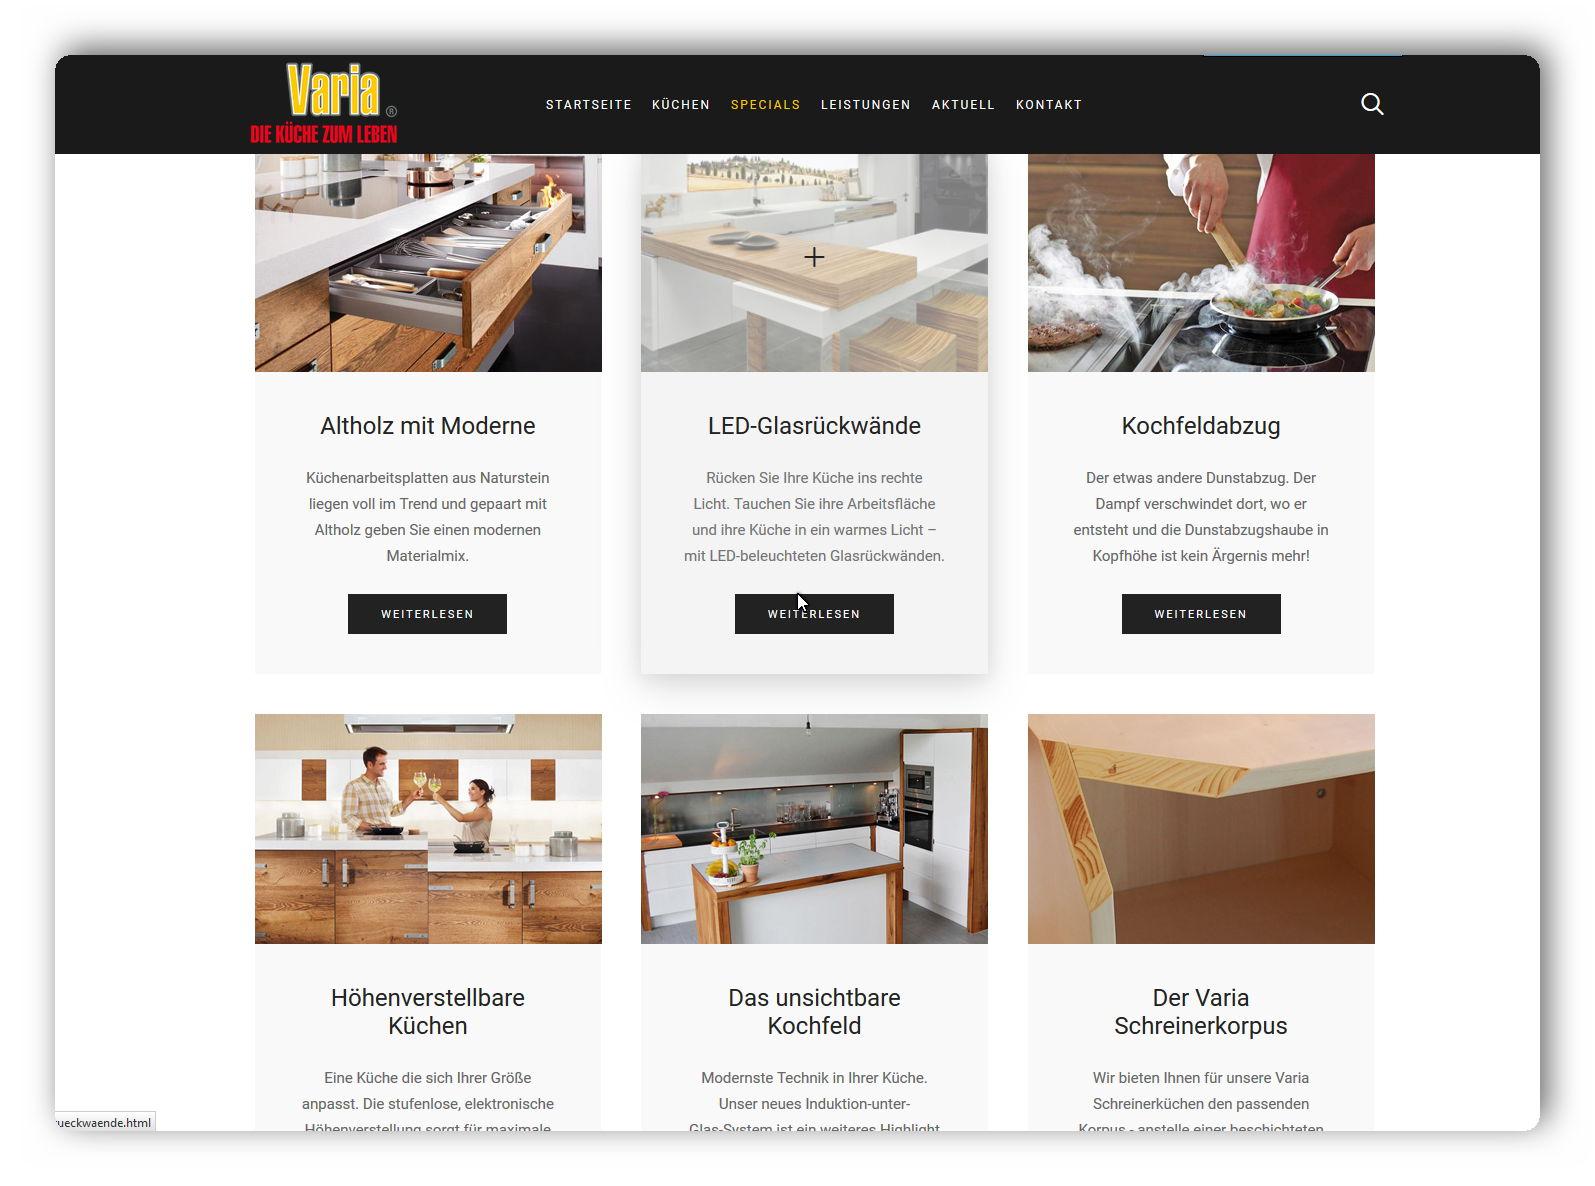 Varia Kuchen Kuschel Software Full Service Internetagentur